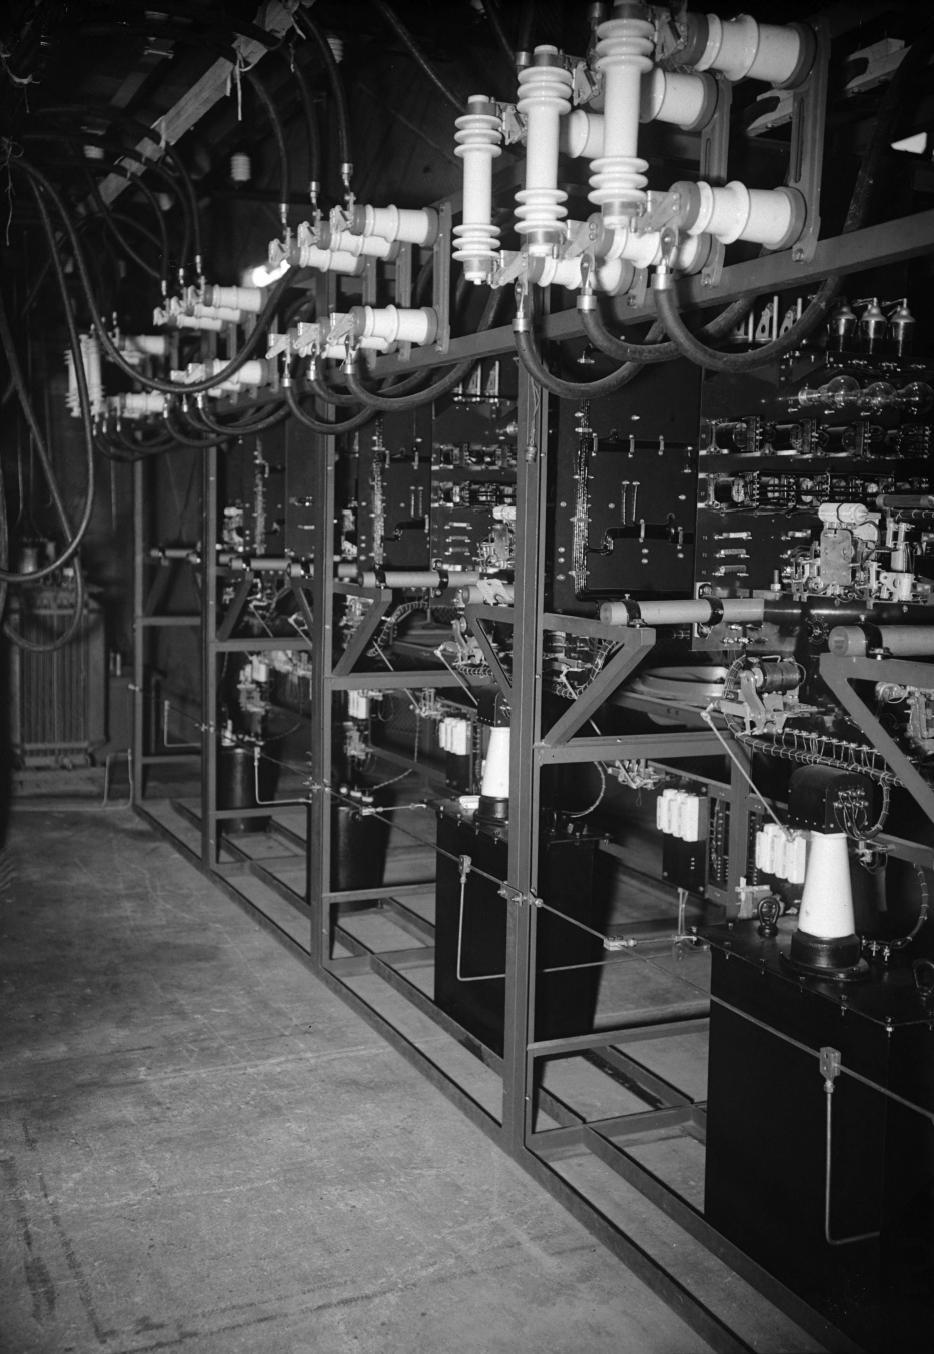 Экспериментальная лаборатория. Зал с заряженными конденсаторами